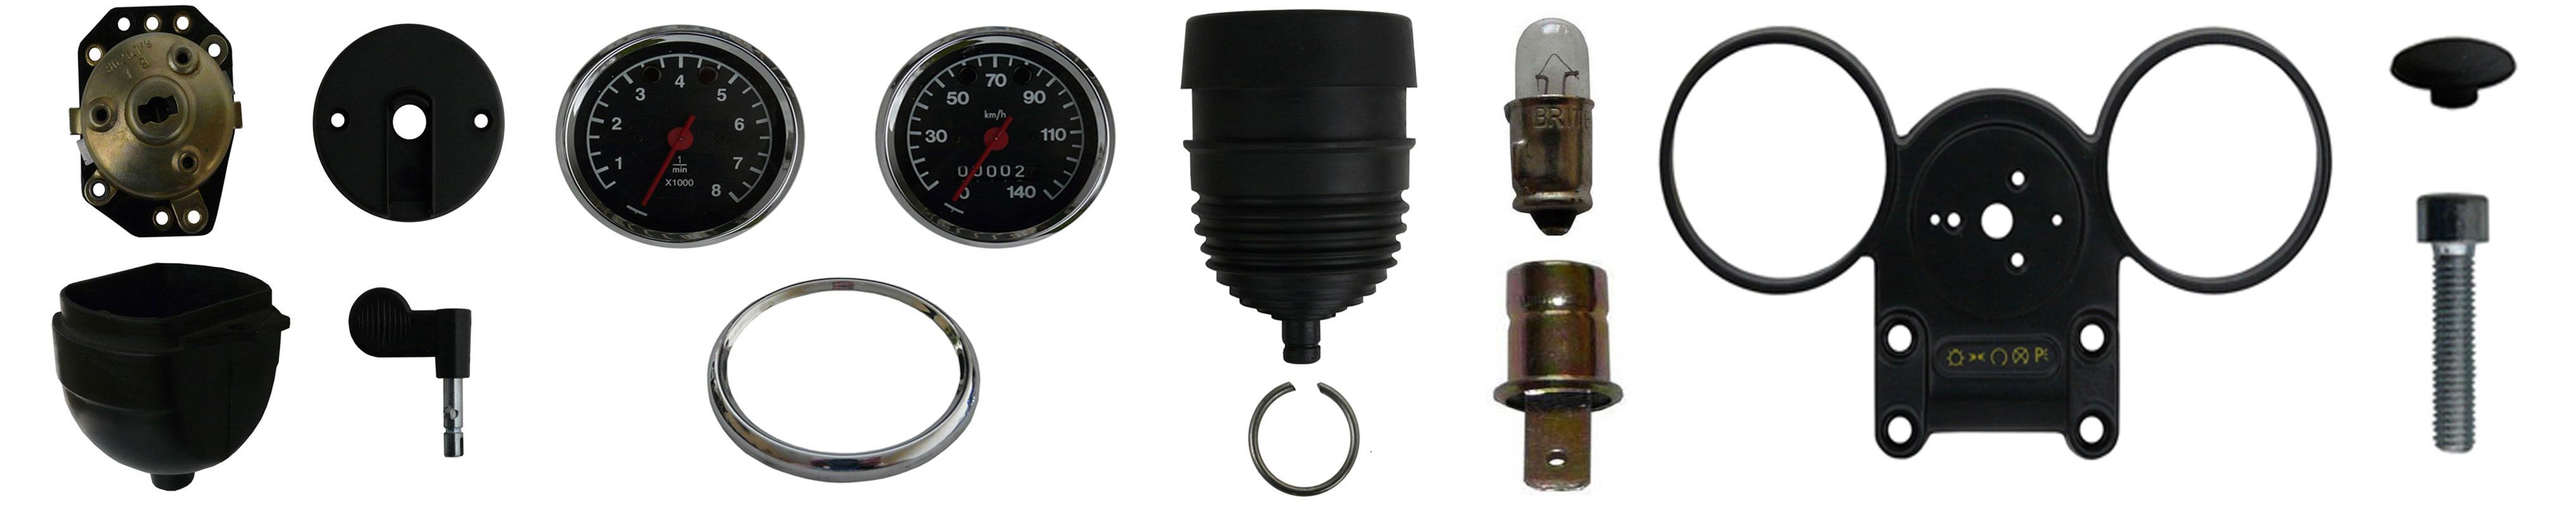 MZ ETZ 250 Ersatzteile Instrumente